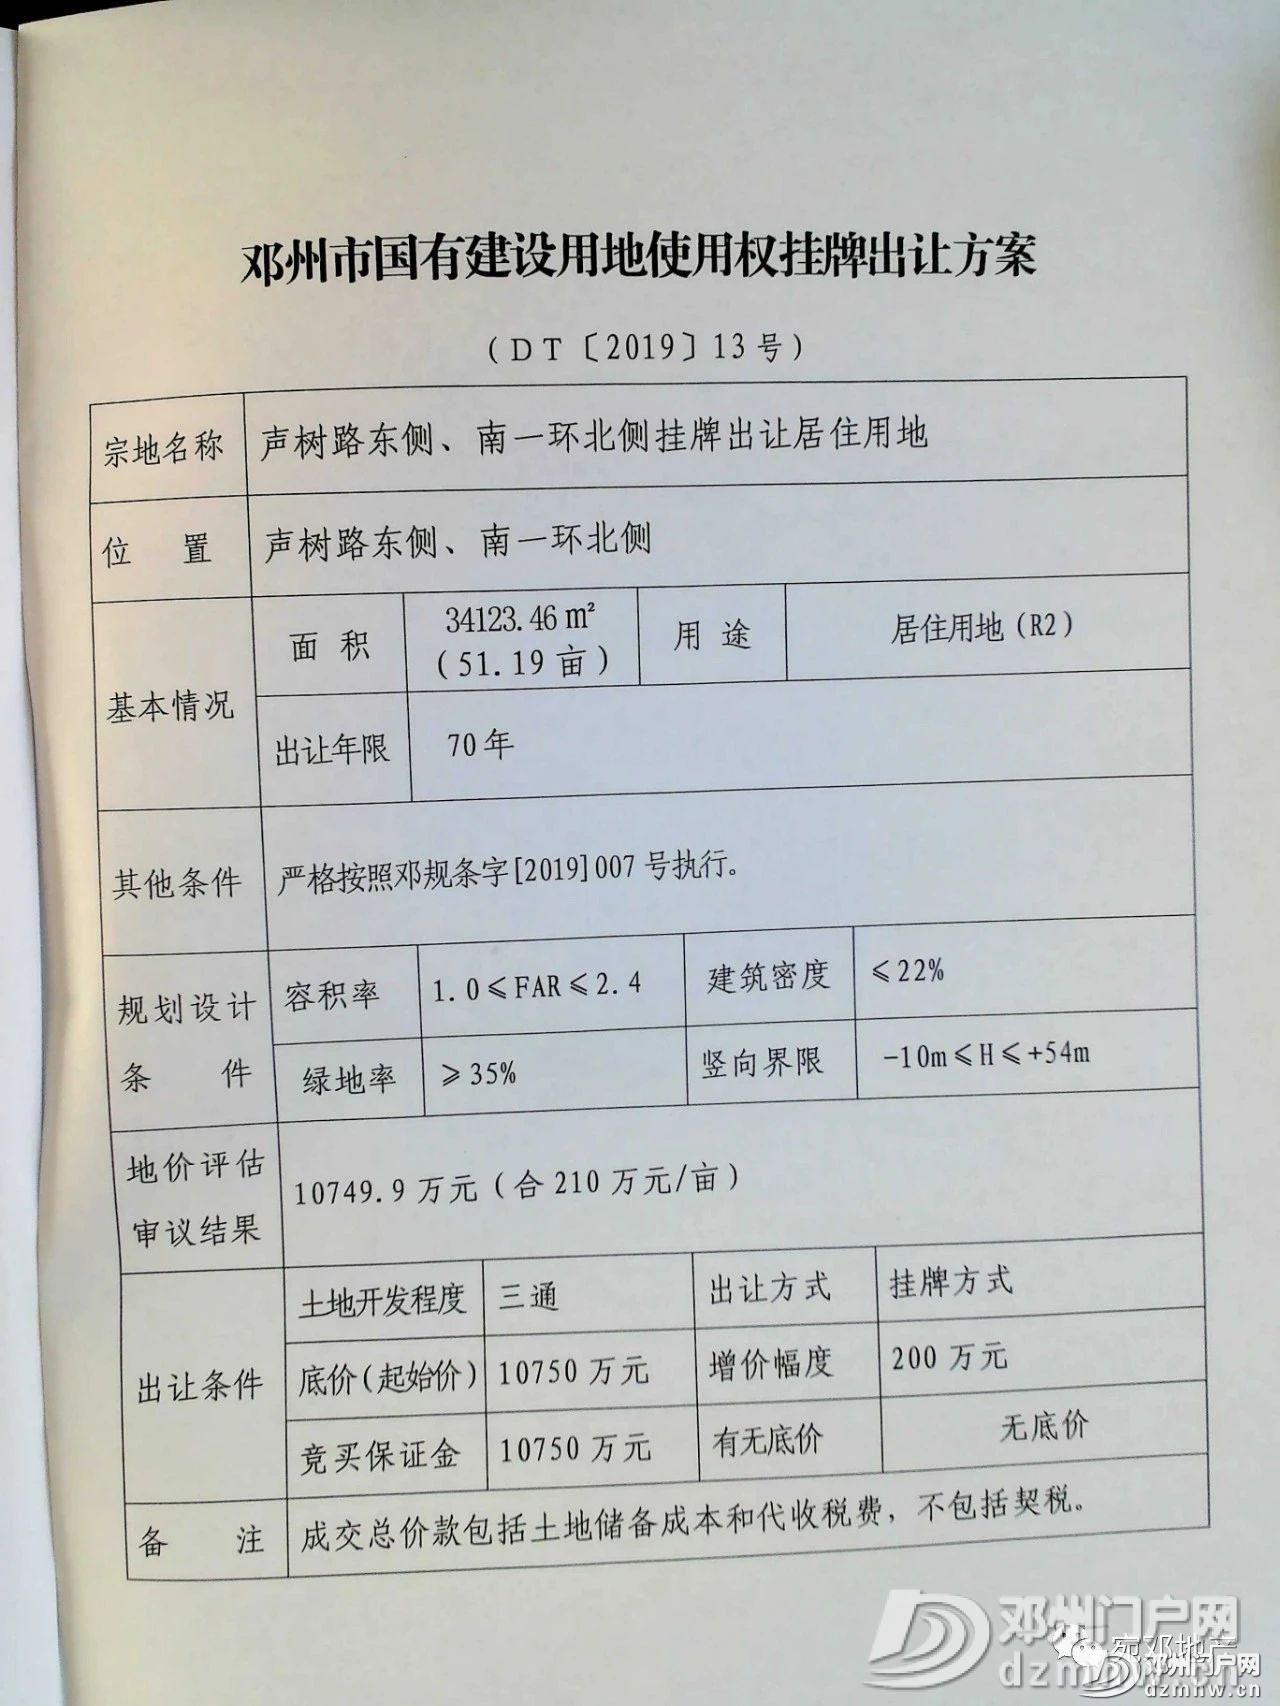 起拍价1亿,邓州北京路学校旁50余亩土地挂牌出让! - 邓州门户网|邓州网 - 22136a2ca79121a88aec7e457c7a84a9.jpg